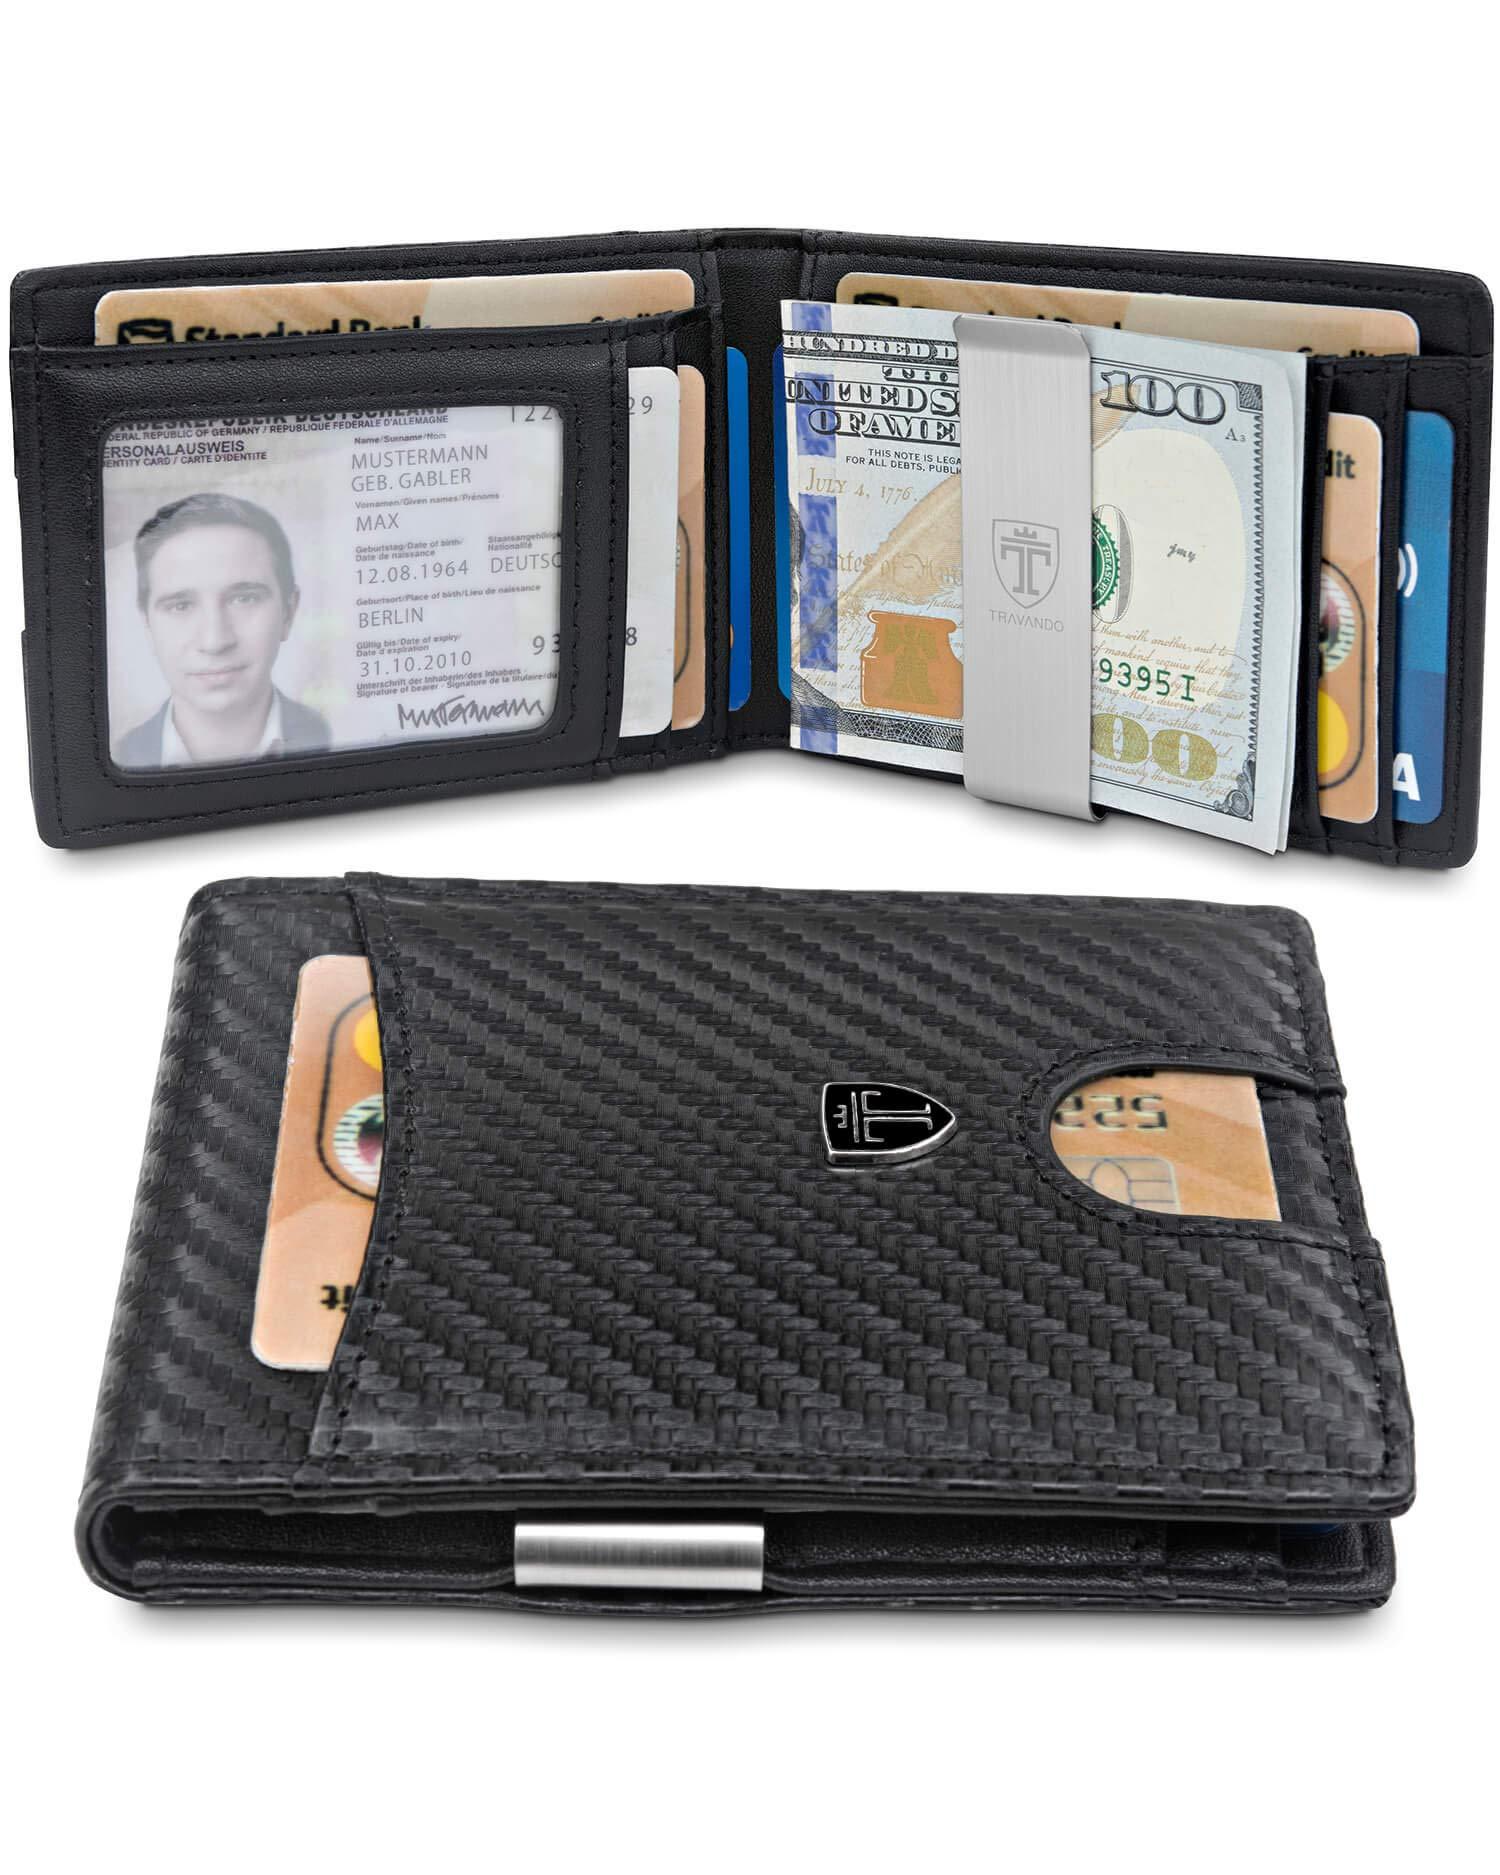 TRAVANDO Slim Wallet with Money Clip SEATTLE RFID Blocking Card Mini Bifold Men (Carbon) by TRAVANDO